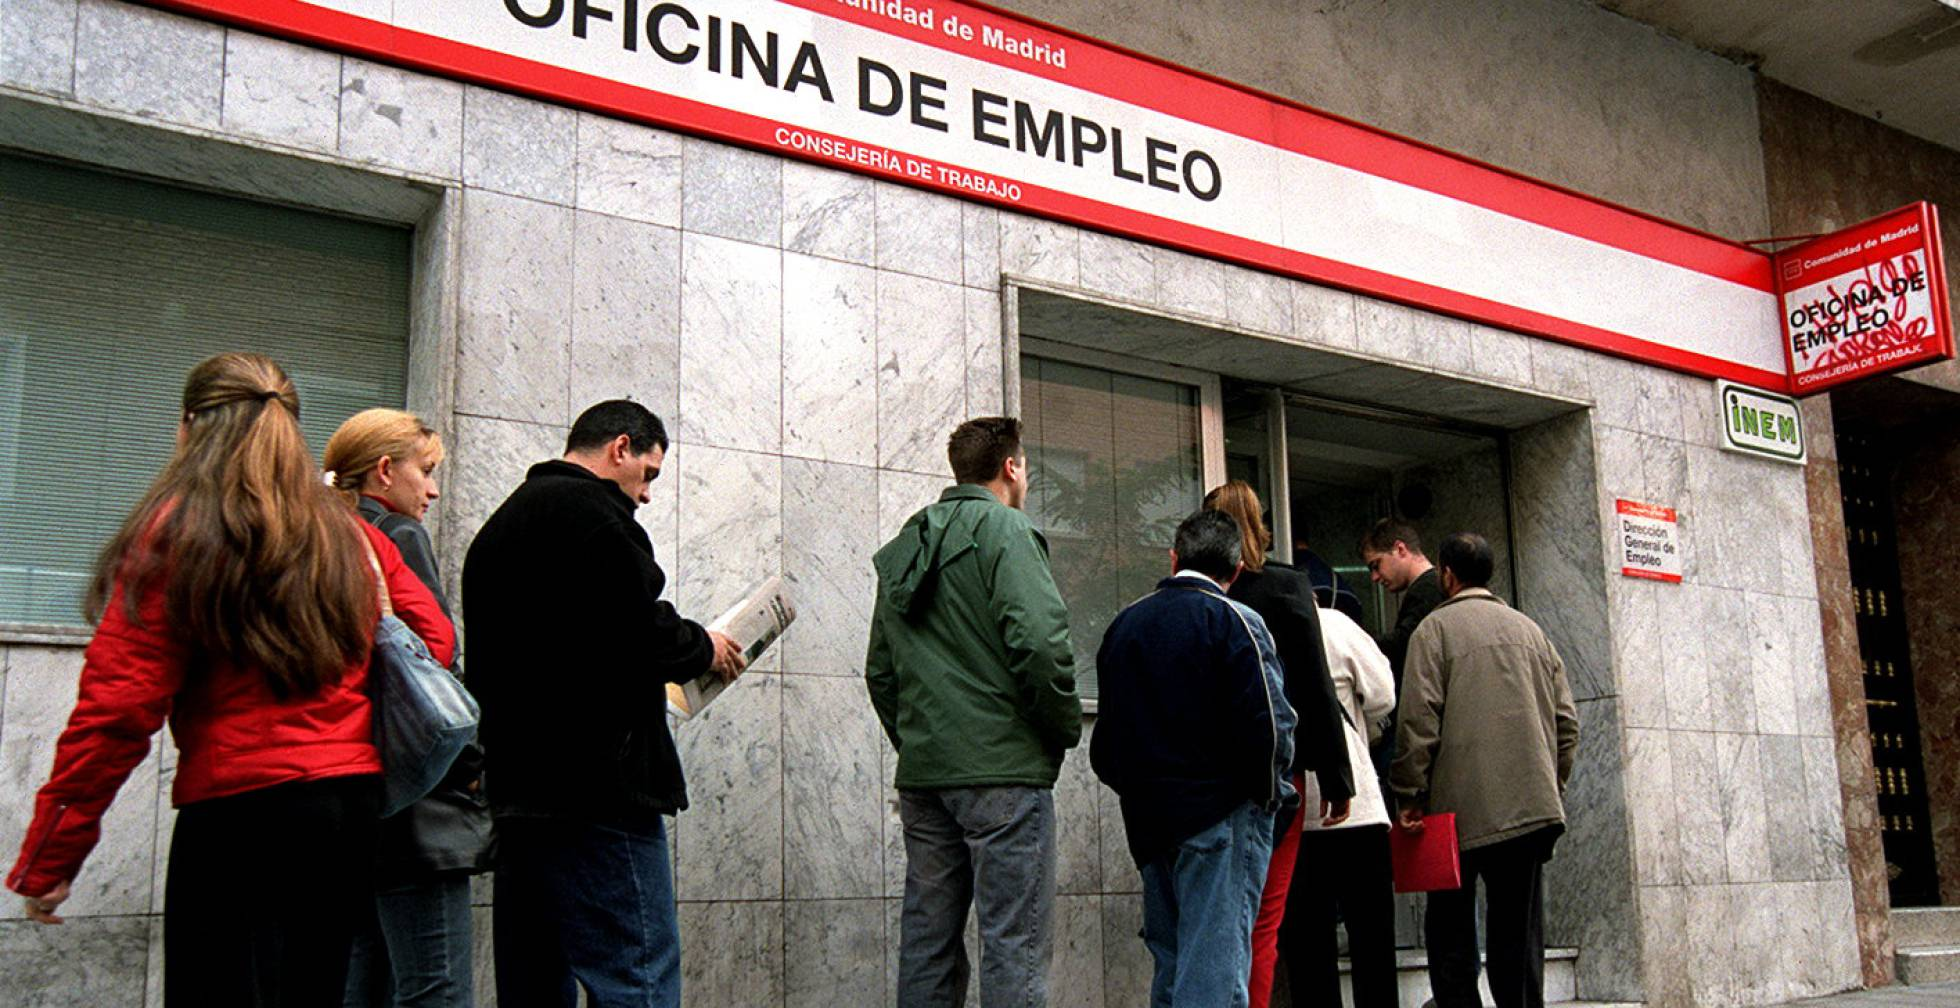 تراجع معدل البطالة بالاتحاد الأوروبي إلى أدنى مستوى منذ سنة 2000